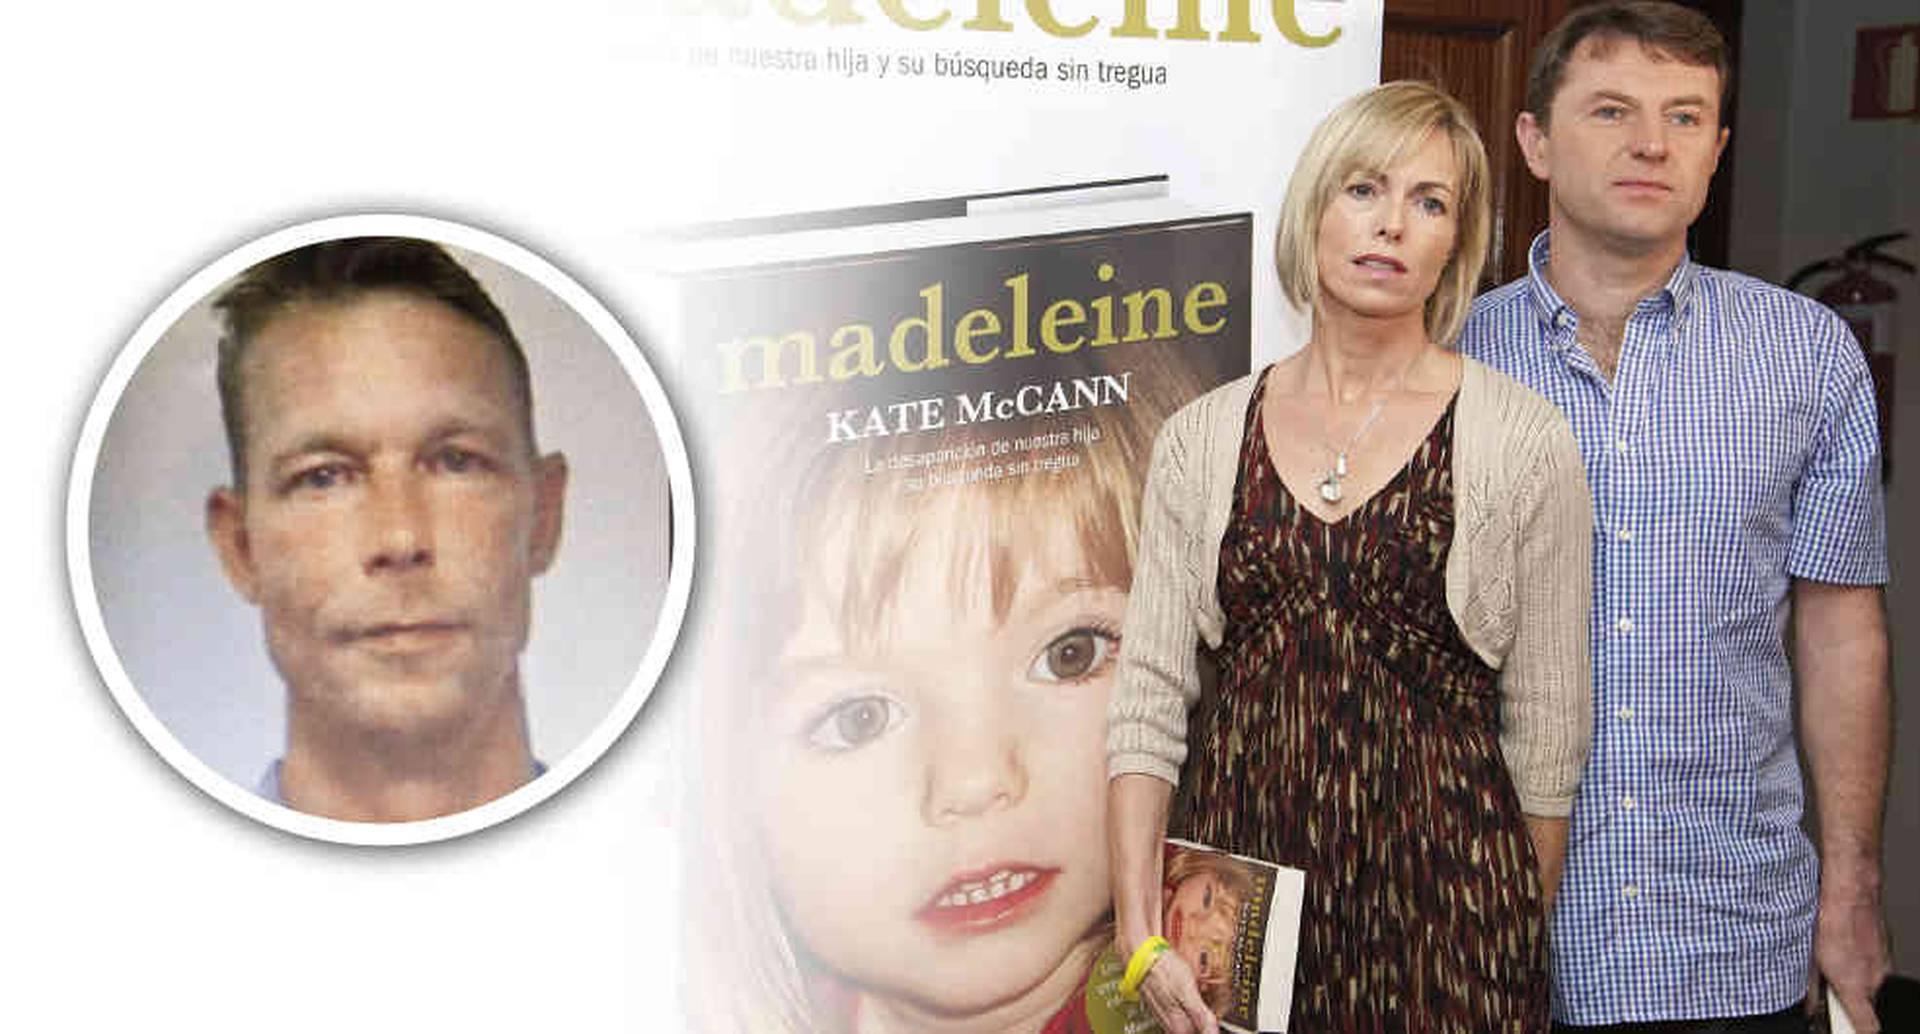 Christian Brückner, quien está encarcelado por un caso de violación en Alemania, estuvo en Portugal por la época en la que desapareció Madeleine McCann.